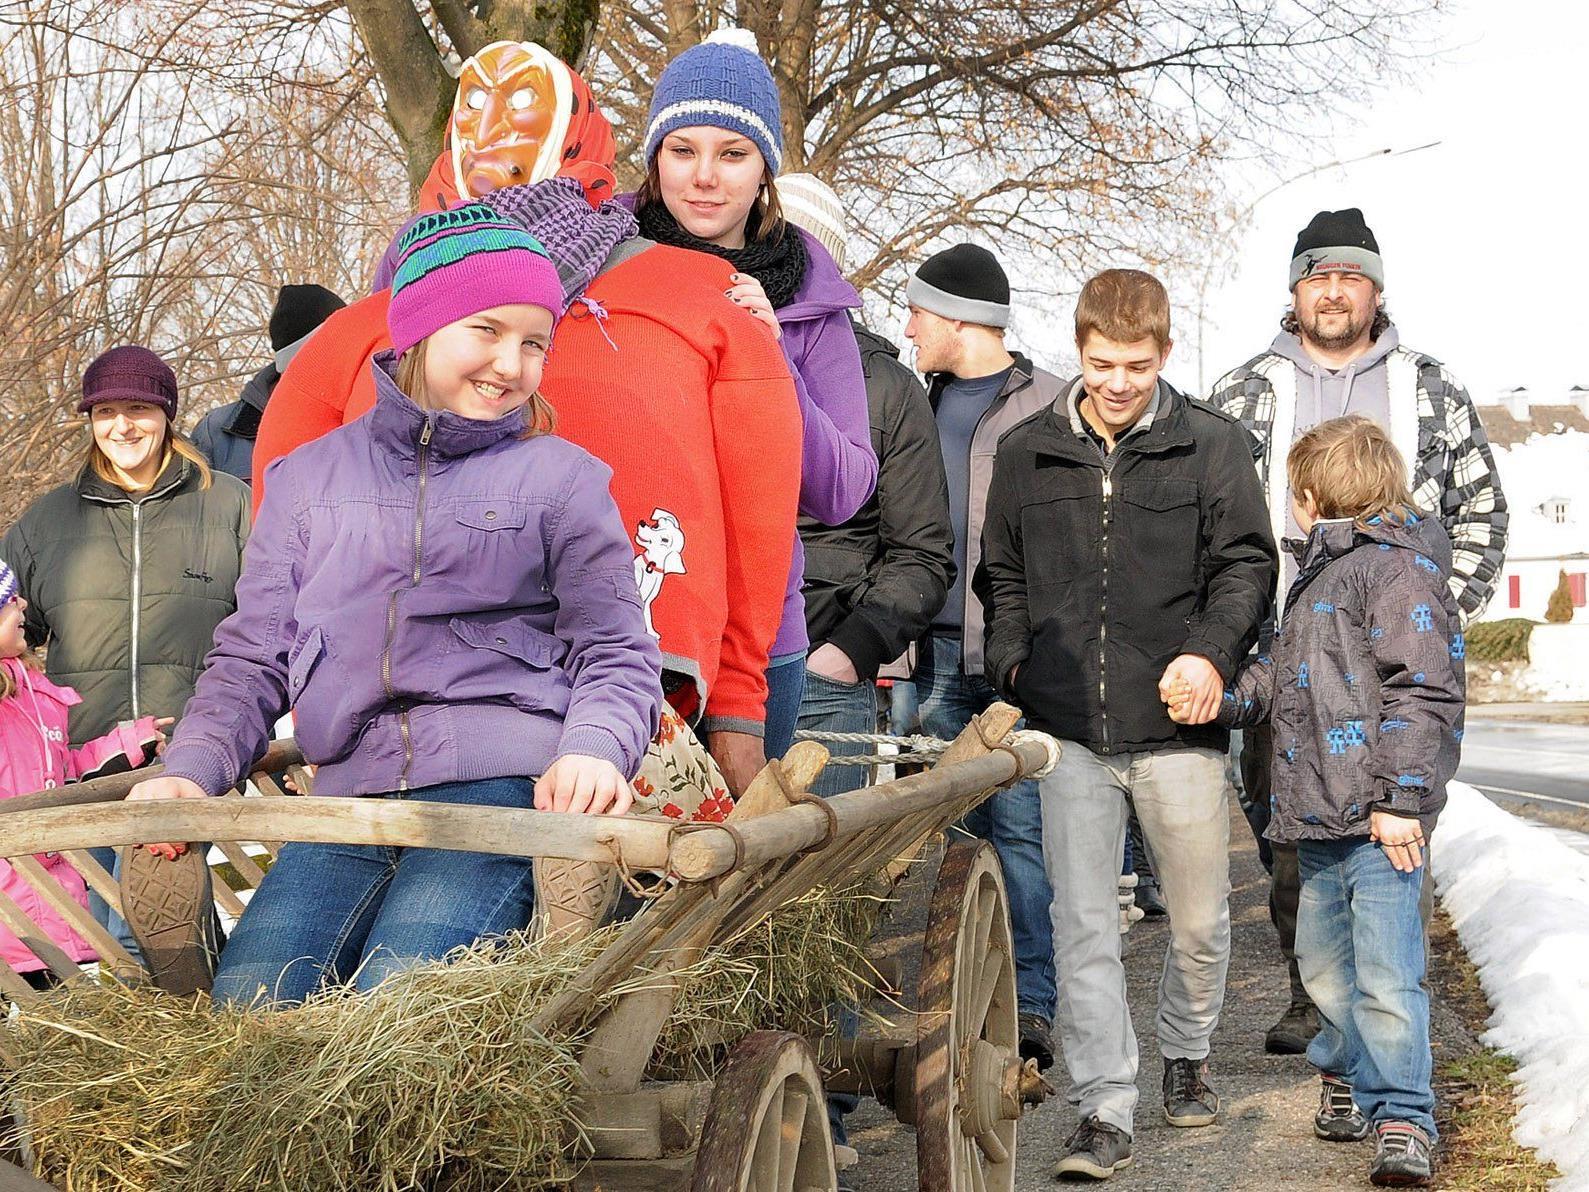 Am Funkensonntag um 10 Uhr führen die Kinder die Hexe zum Brugger Funken.